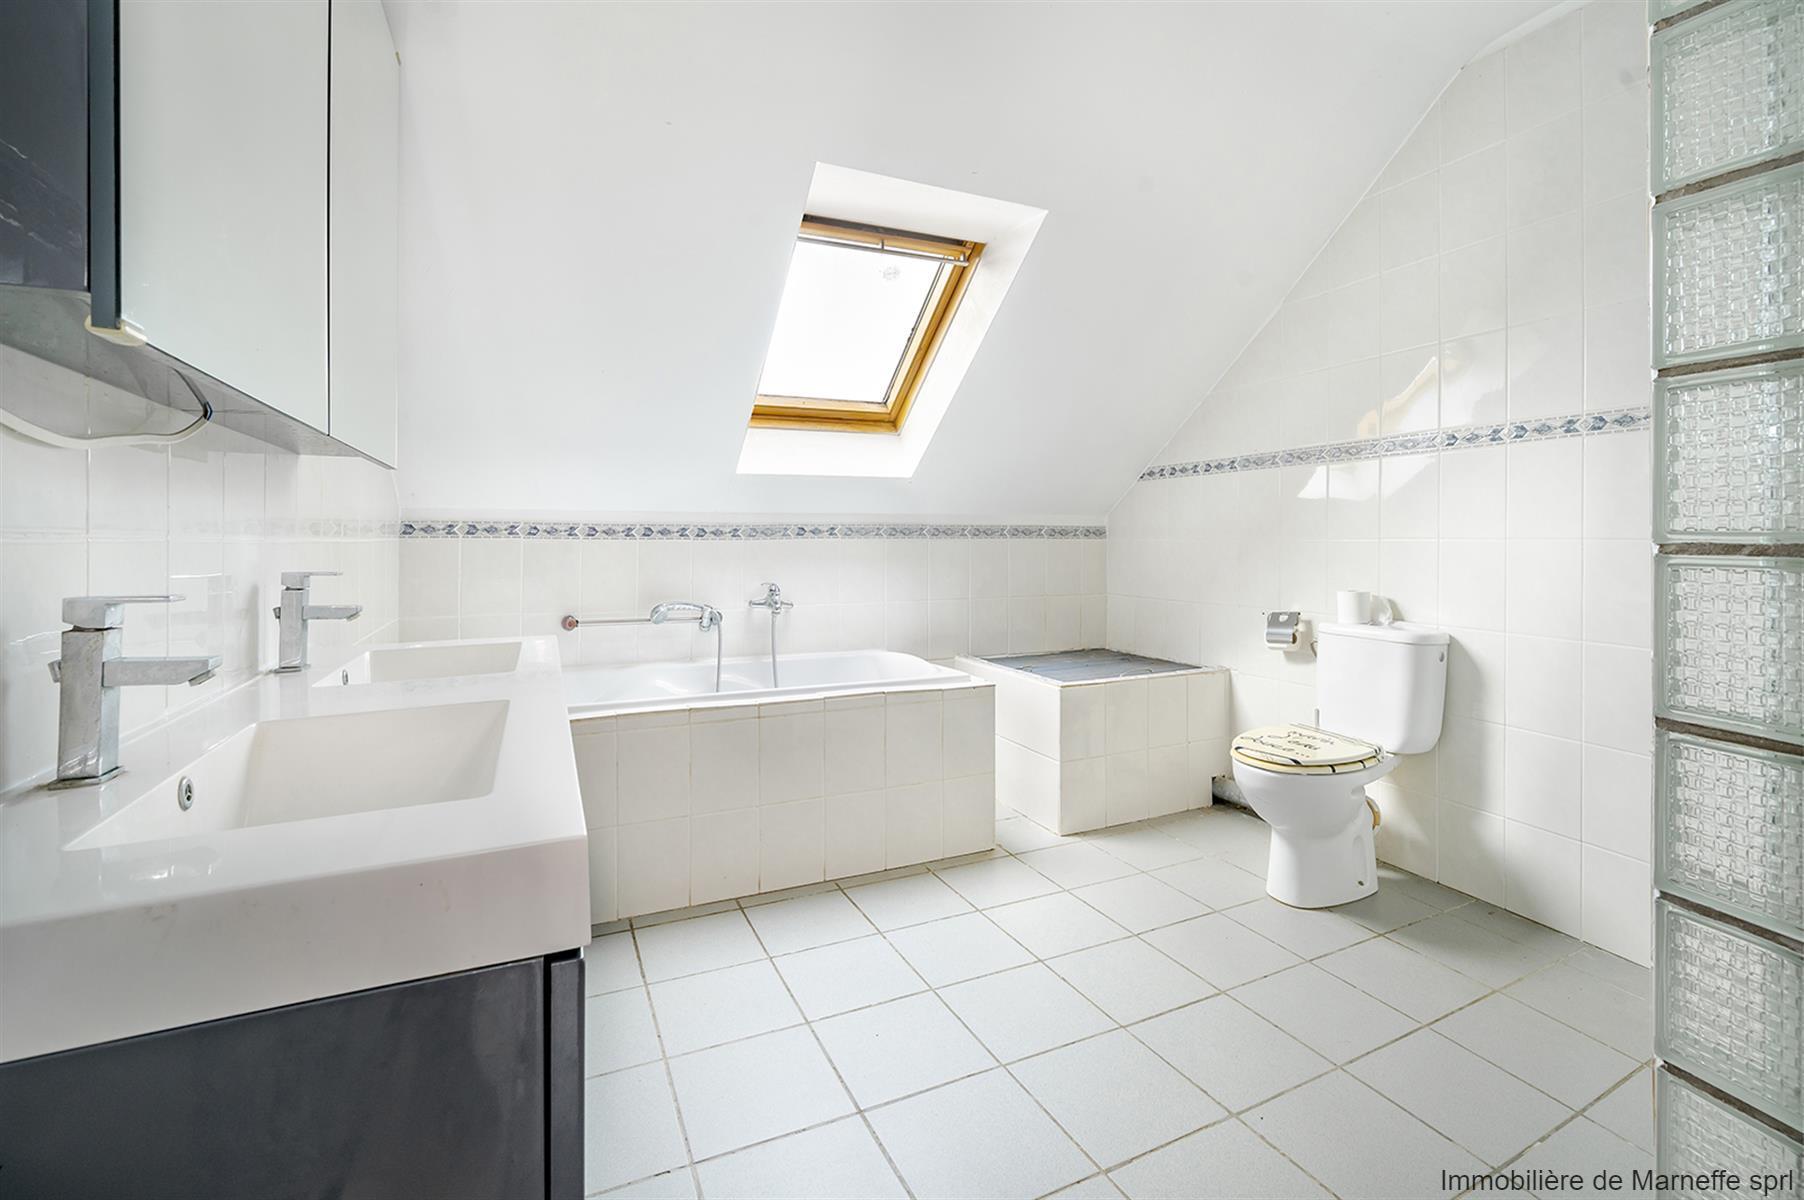 Maison - Villers-le-Bouillet - #4191827-25